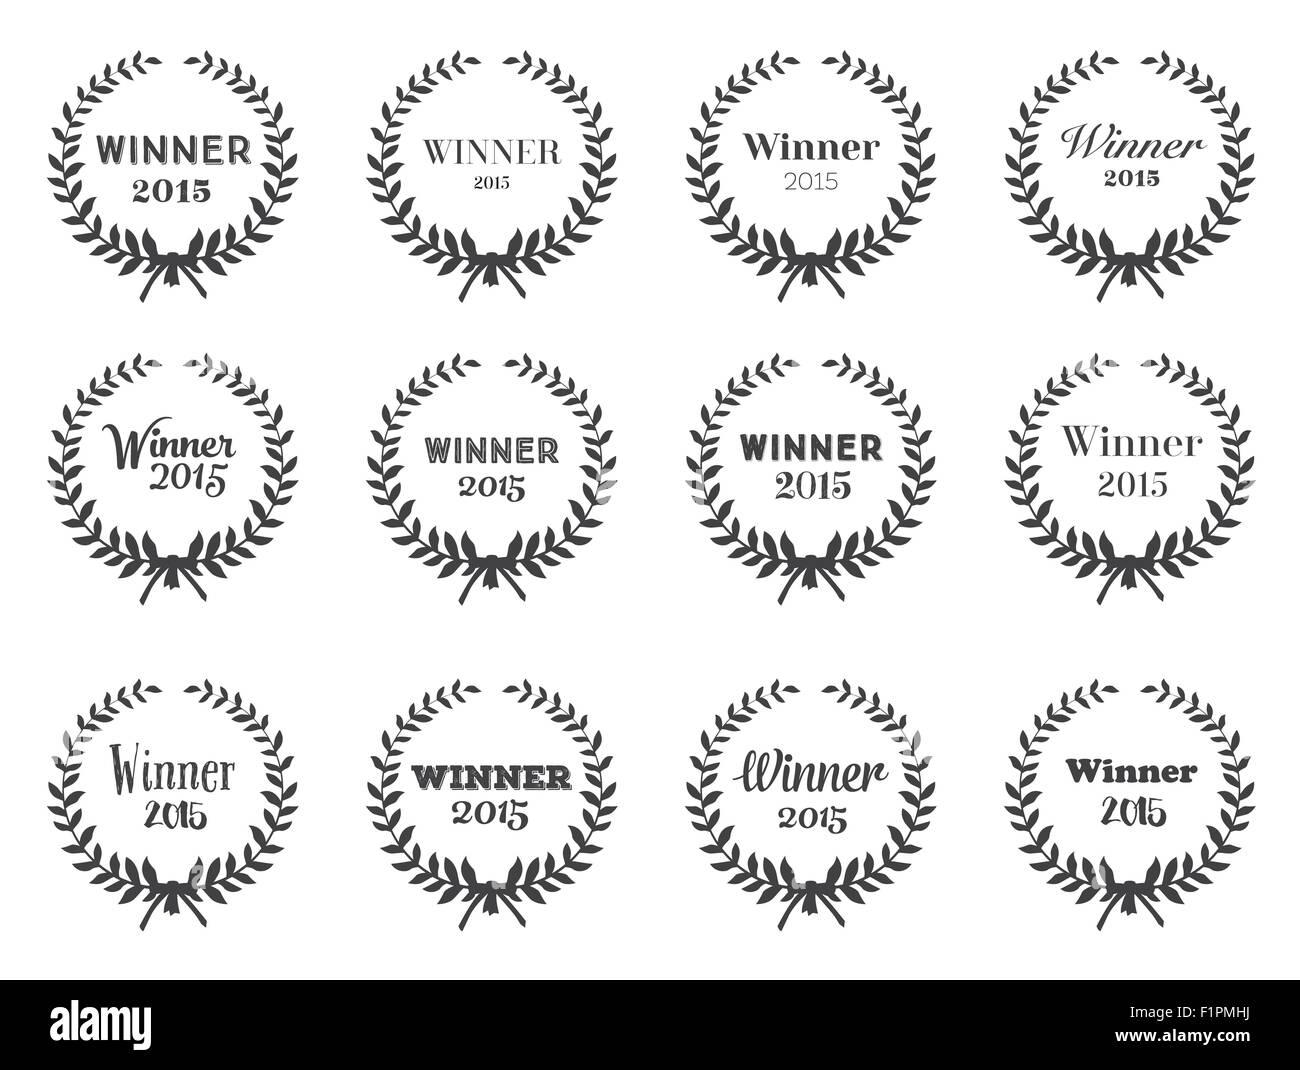 Le Corone Di Alloro Set Di Vettore Di Disegno Tipografica